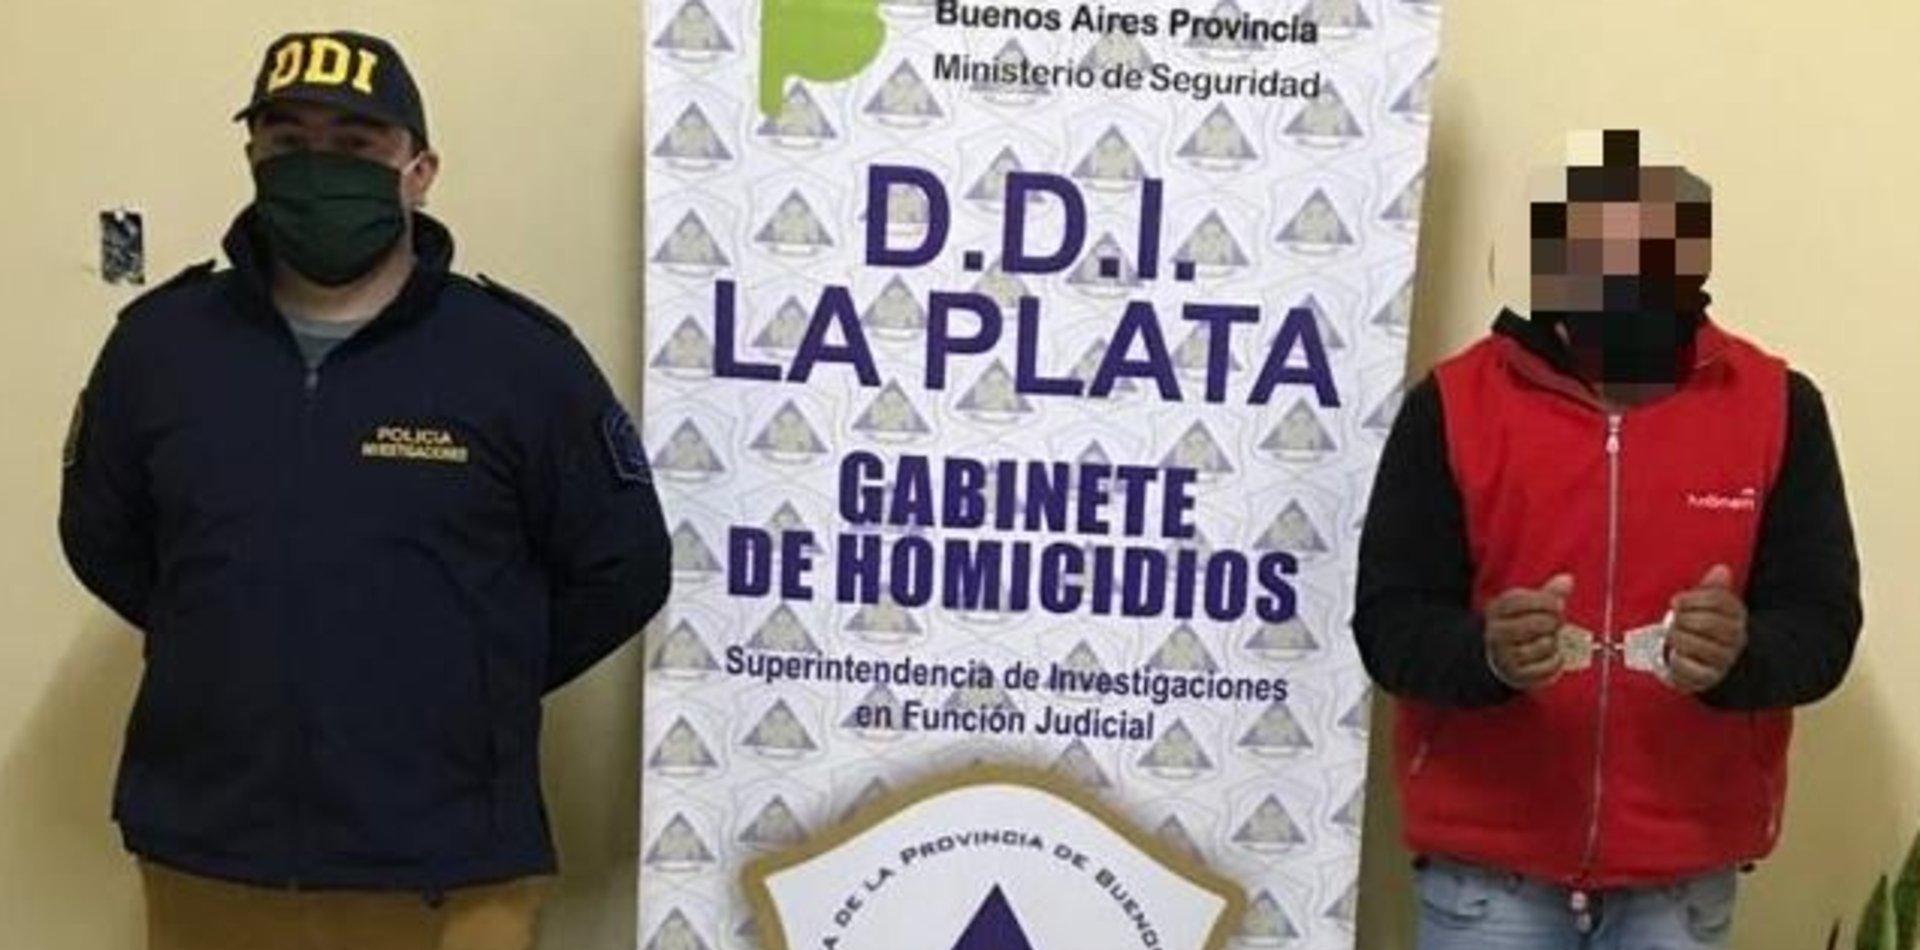 Crimen en La Plata: se entregó el segundo acusado de matar a un hombre a golpes